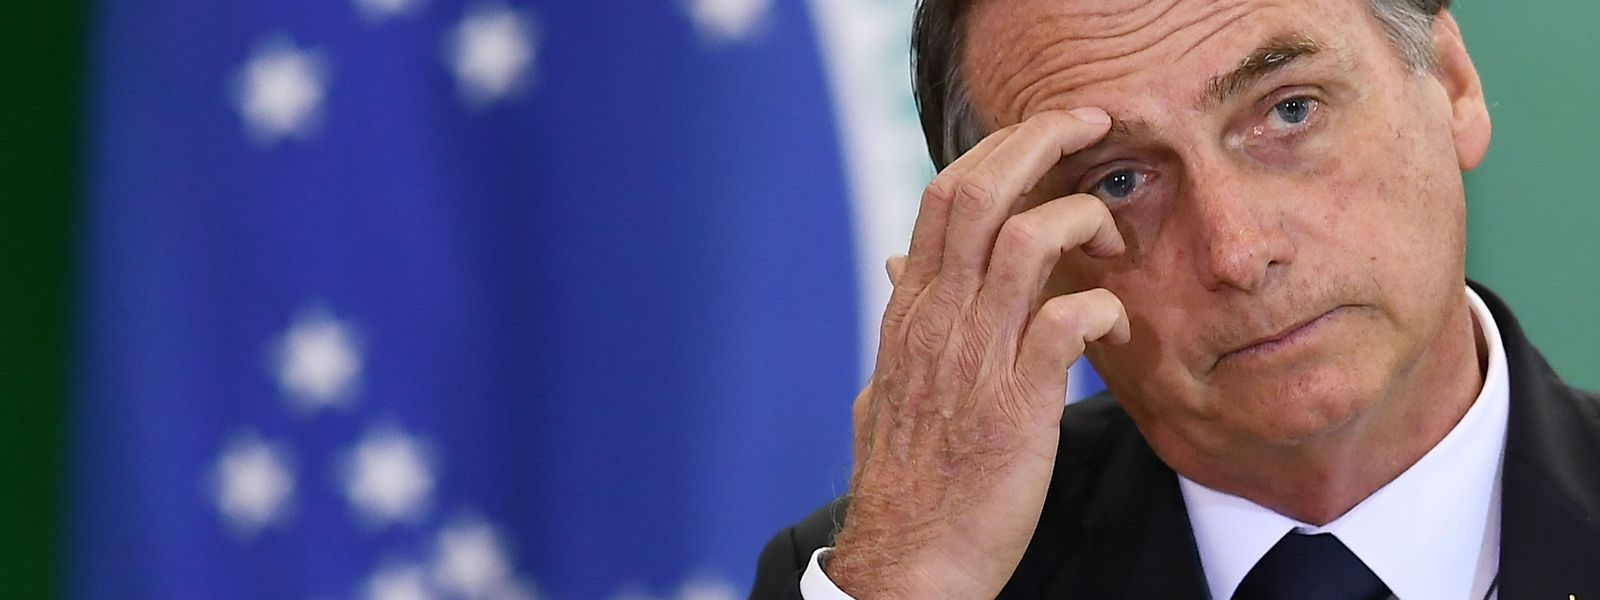 Bolsonaro hatte die Vereinbarung am Mittwoch auf Twitter kritisiert.